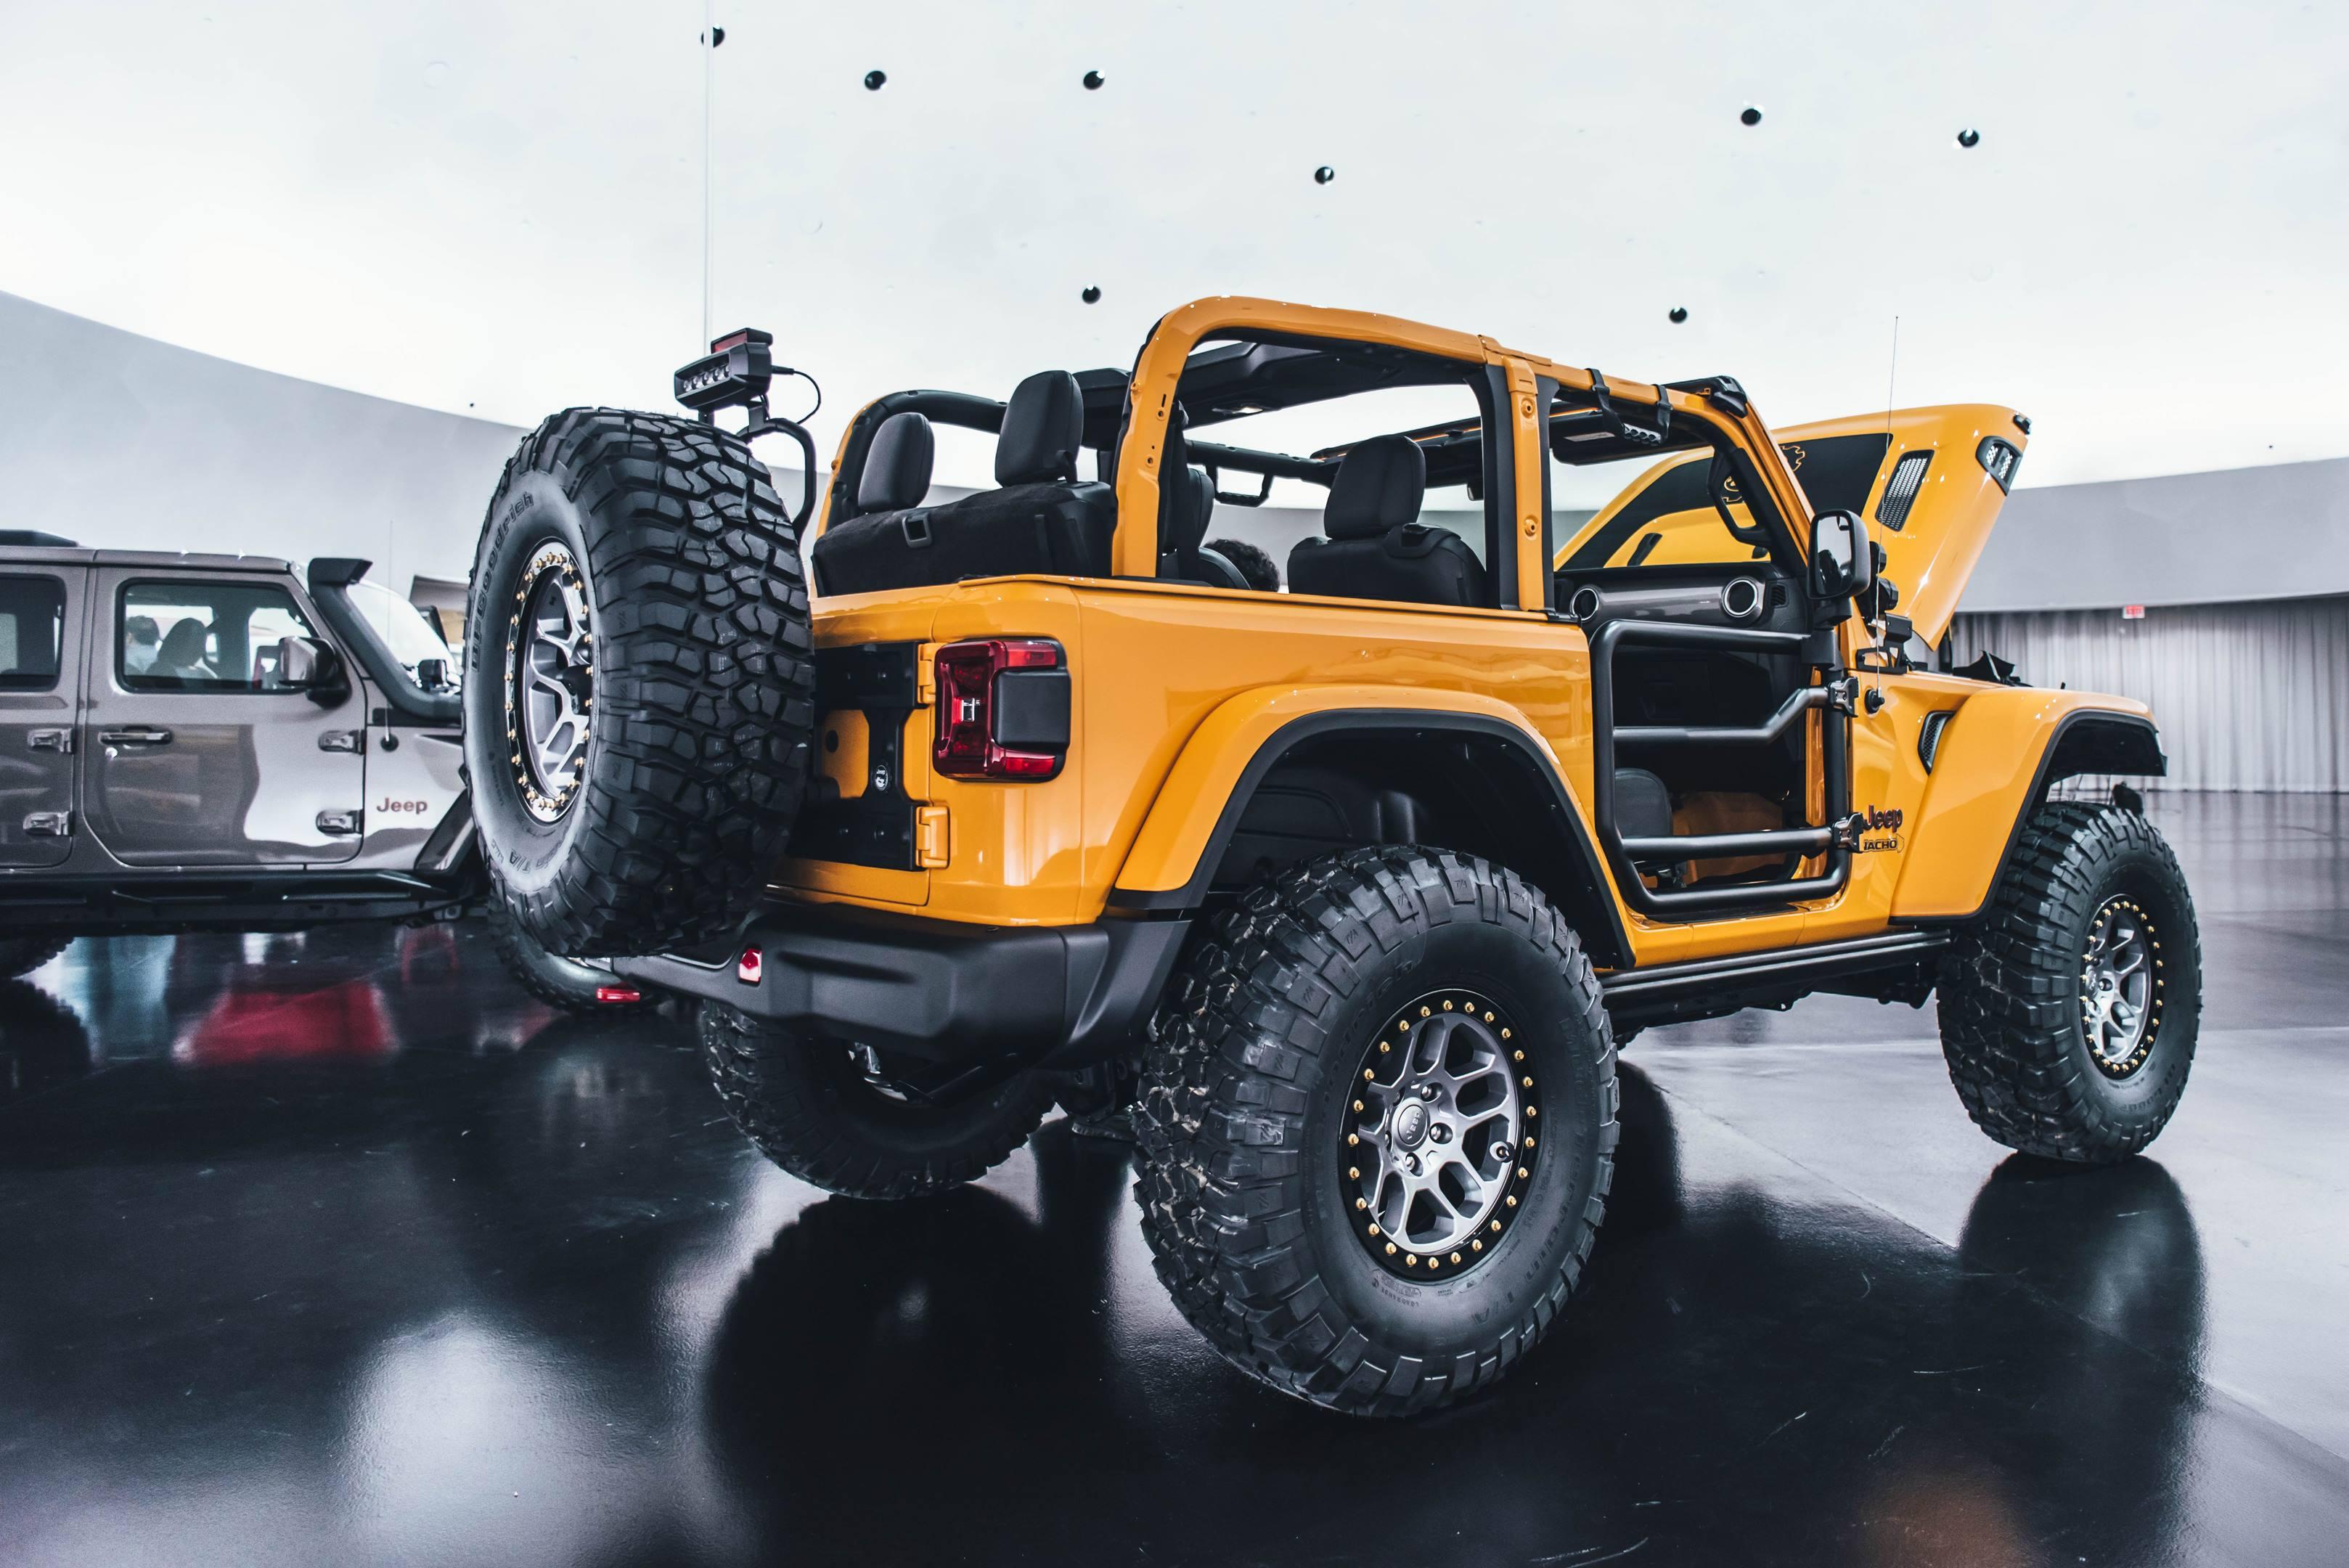 2018 Jeep Nacho Concept rear 3/4